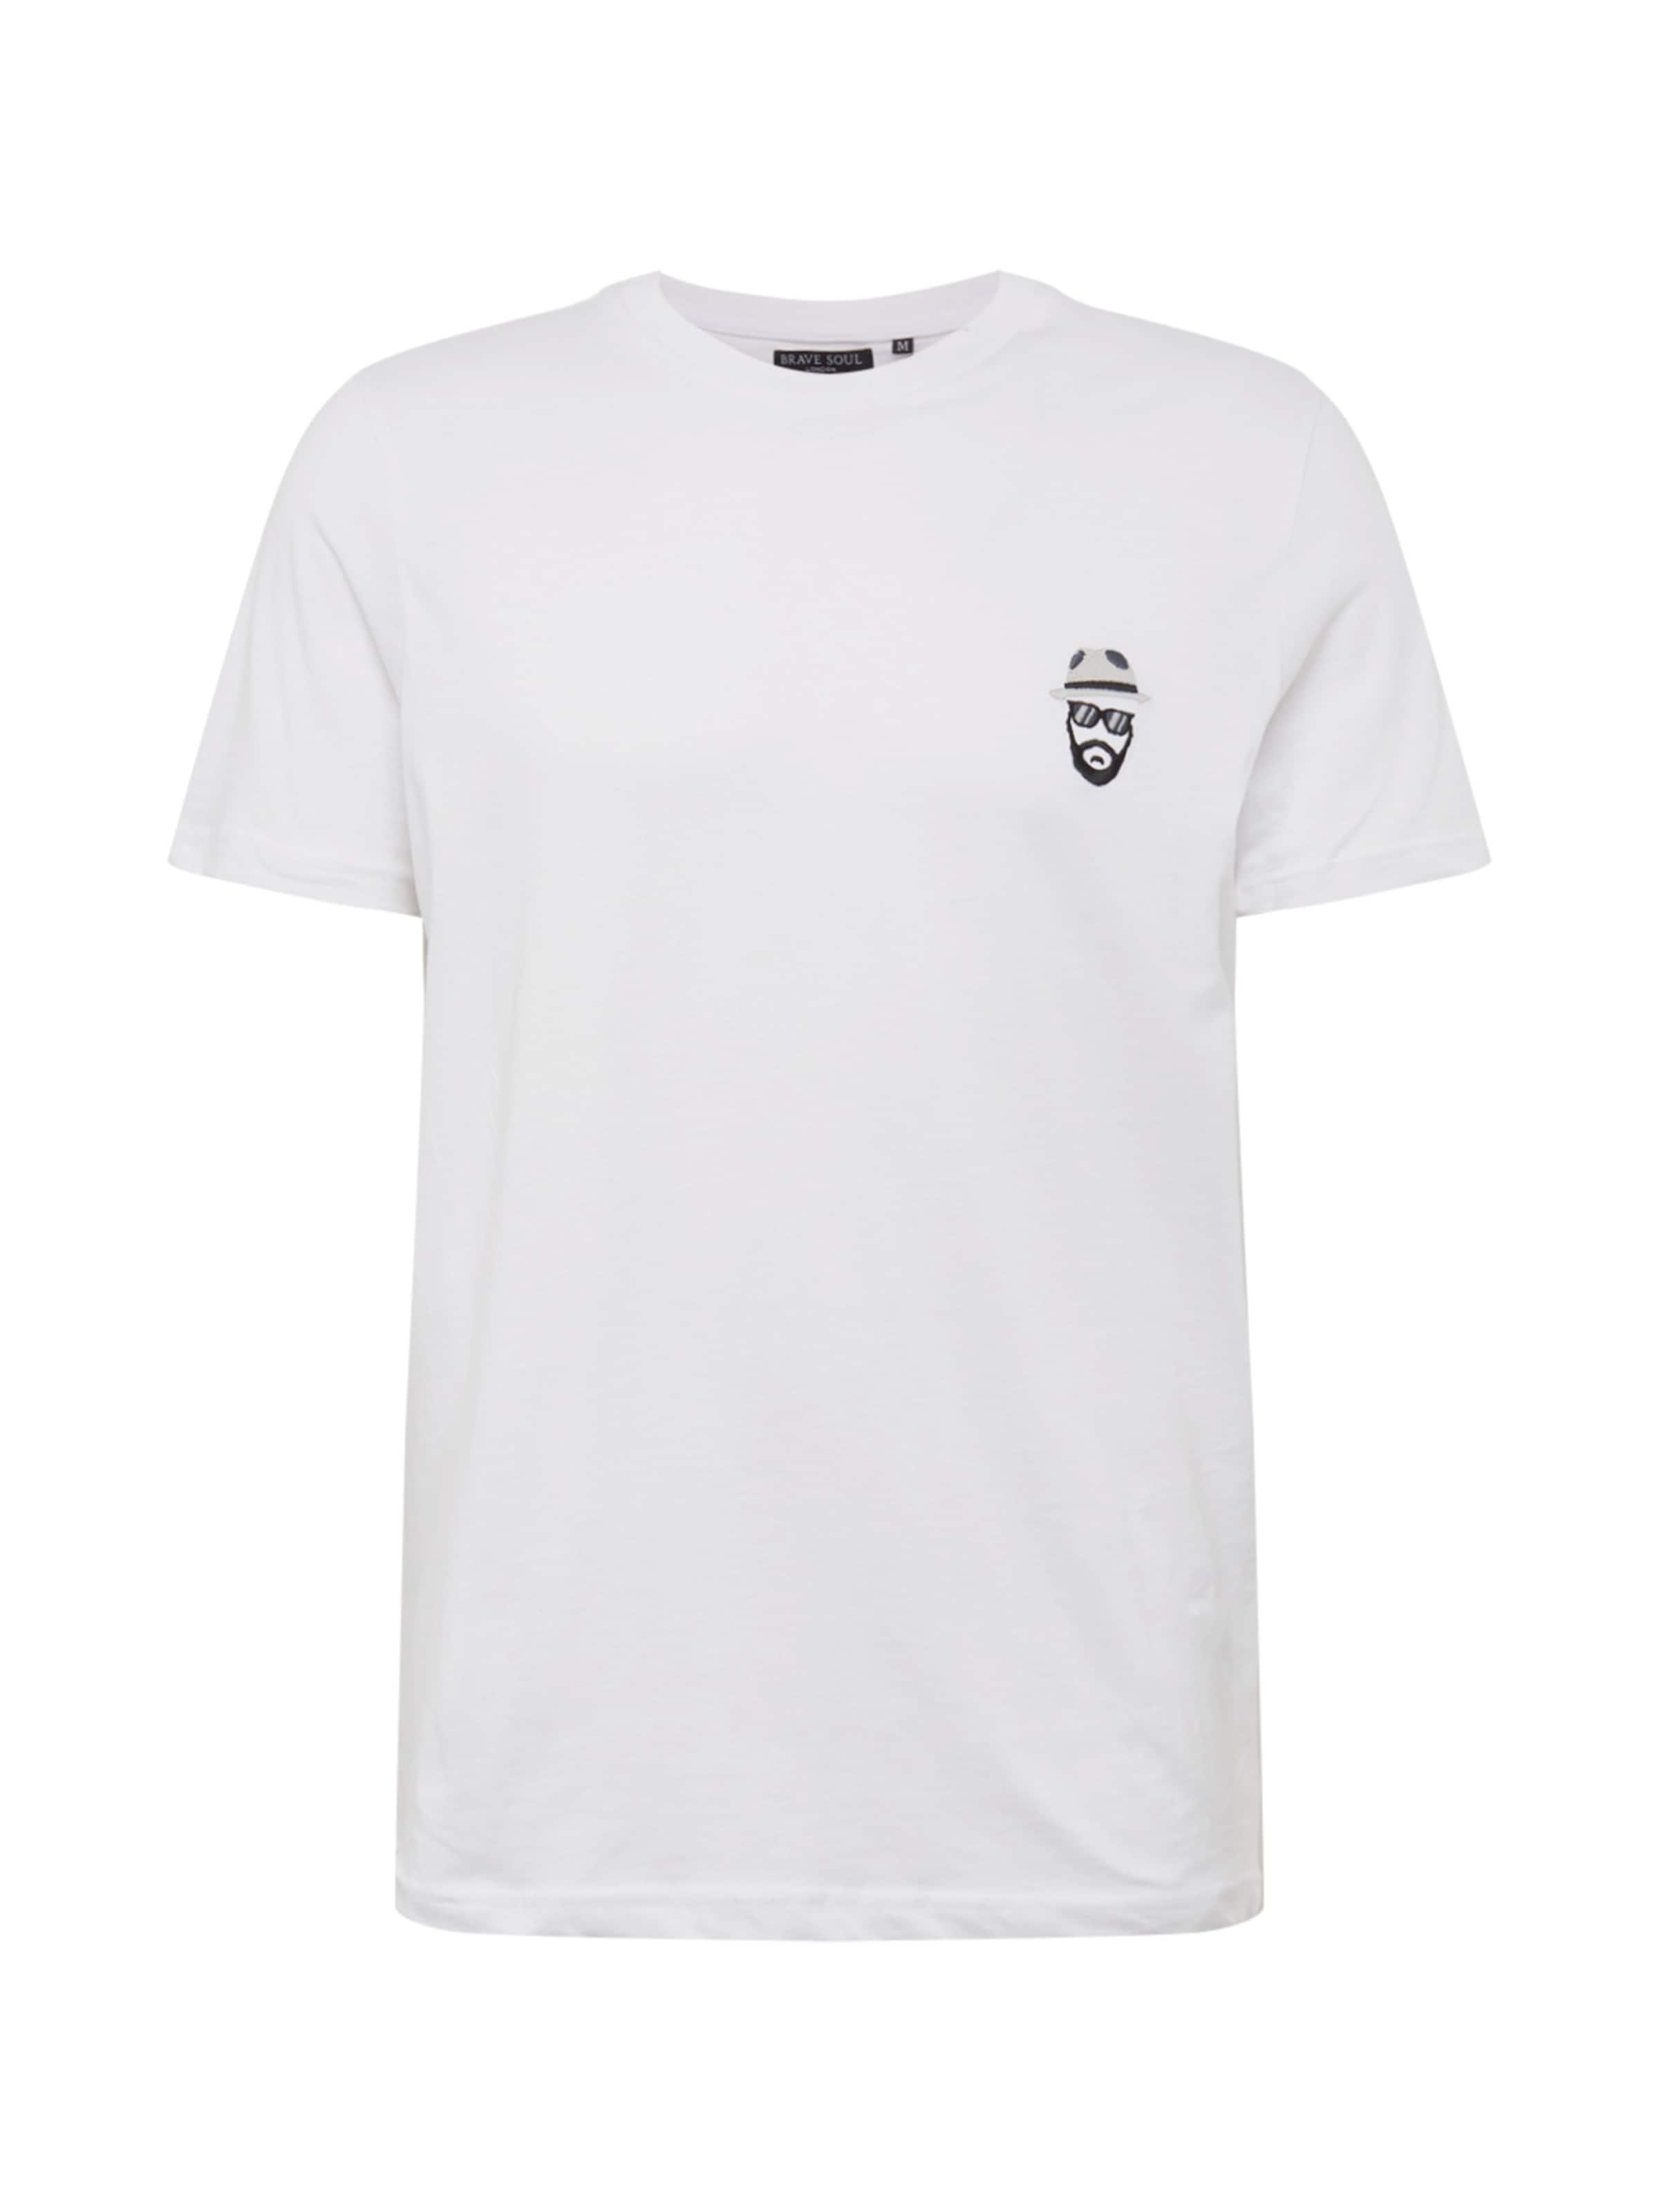 En Soul Brave T shirt Blanc hsQrdt